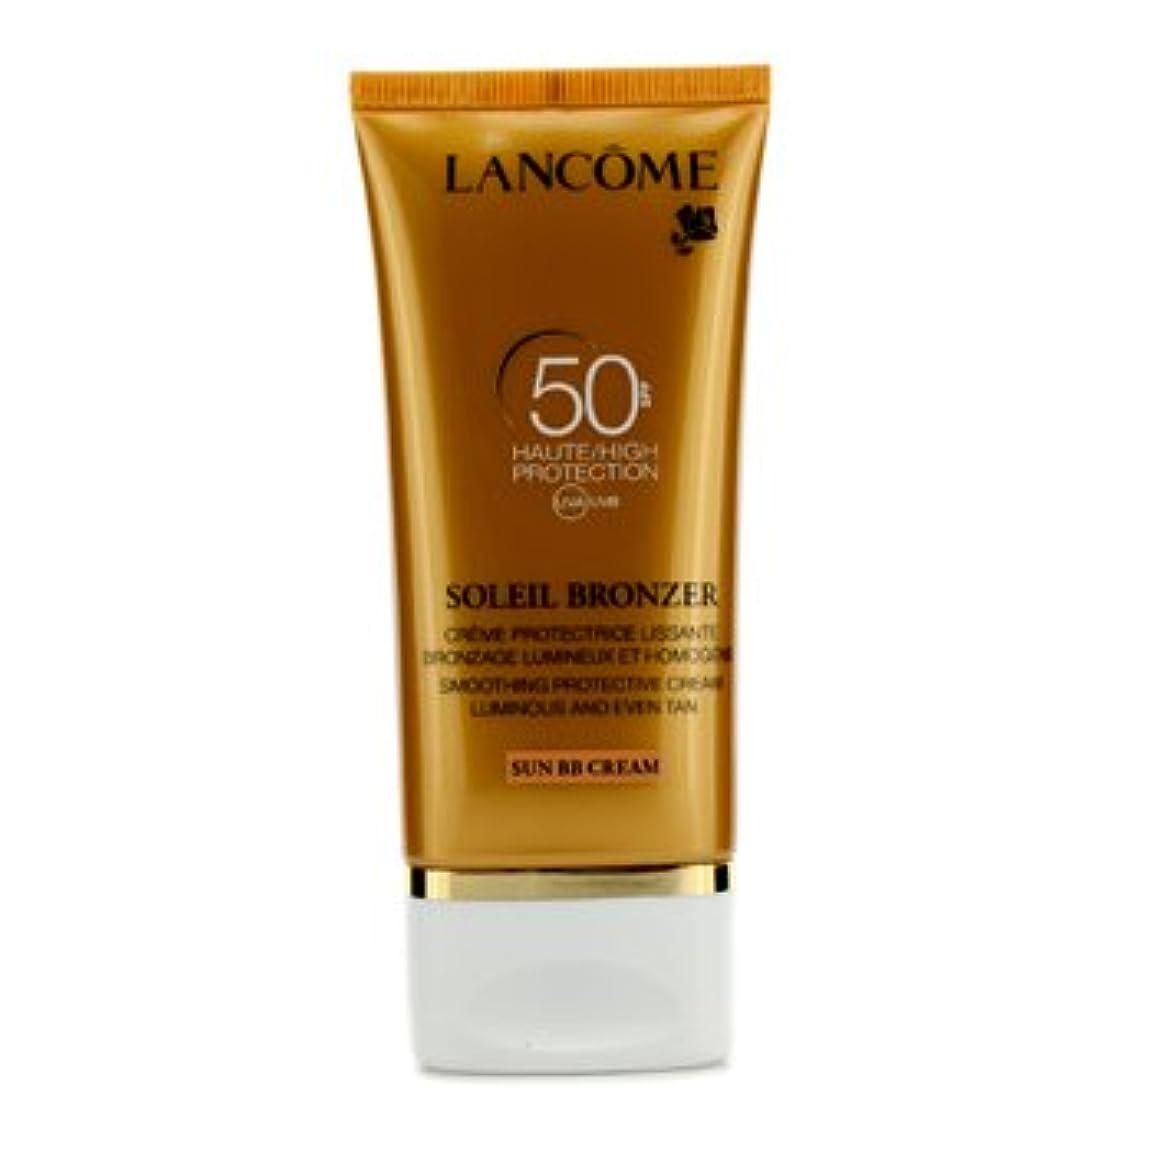 解放報復神秘的な[Lancome] Soleil Bronzer Smoothing Protective Cream (Sun BB Cream) SPF50 50ml/1.69oz